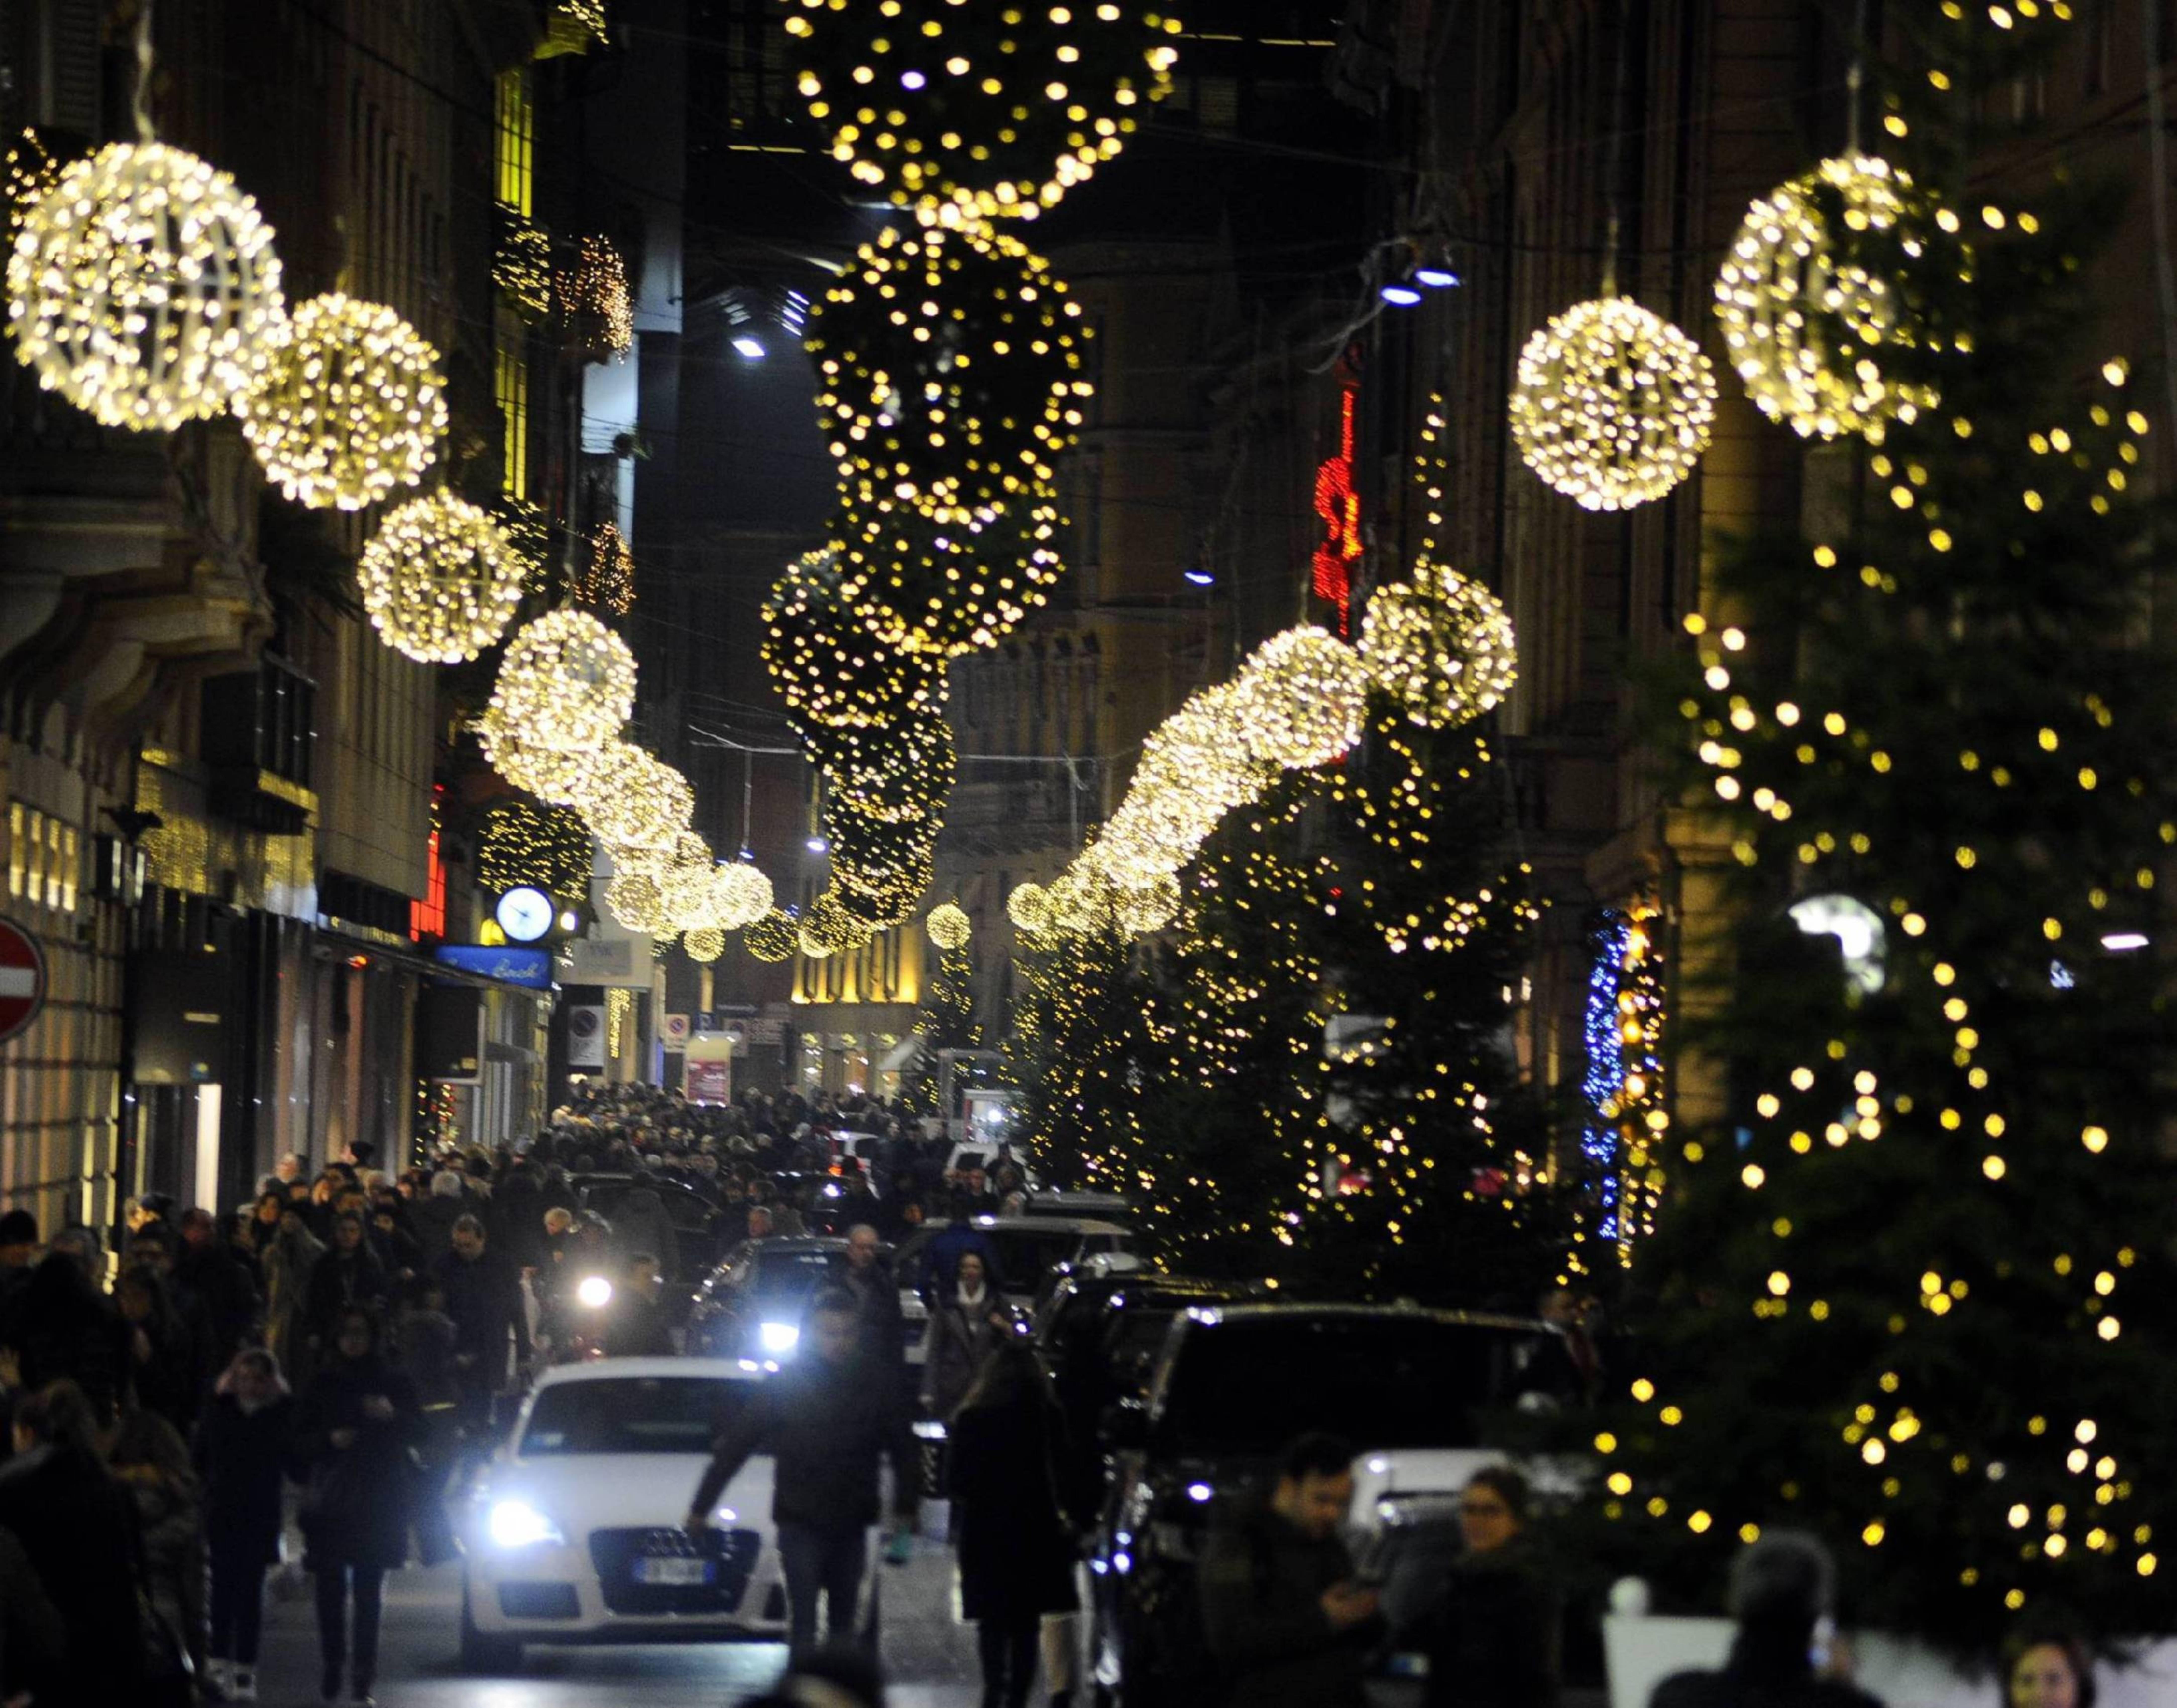 Immagini Milano Natale.Milano Shopping Con Il Segno Piu A Natale Vendite A 5